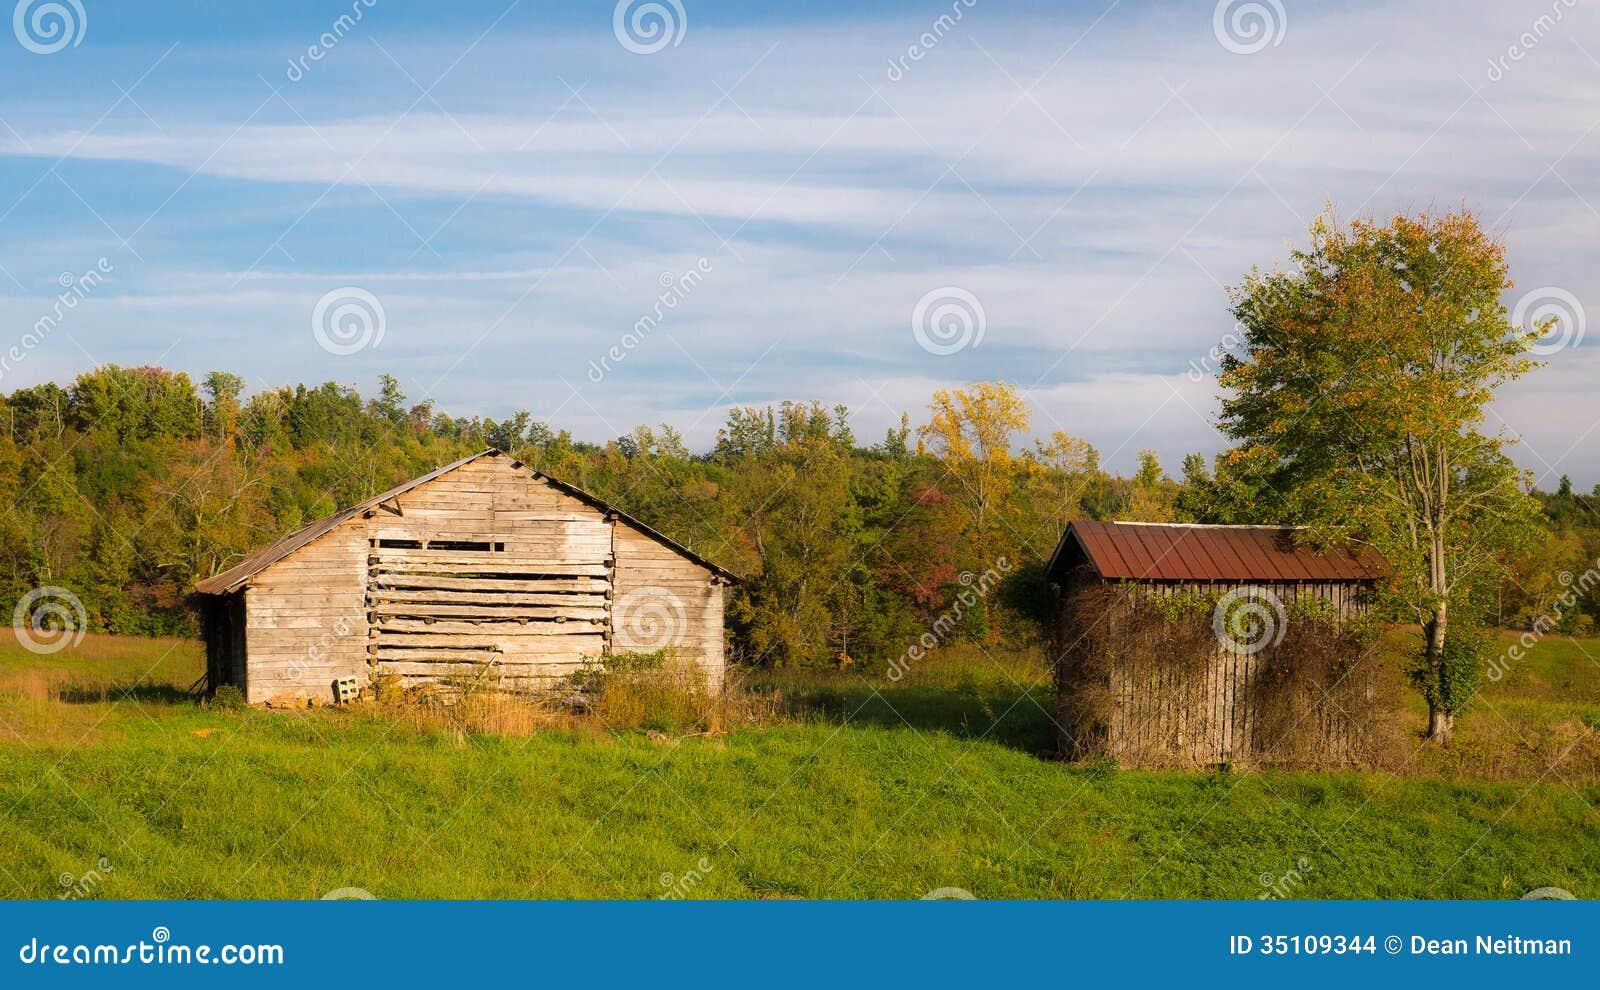 Old Kentucky Barn Stock Photo Image Of Autumn Trees